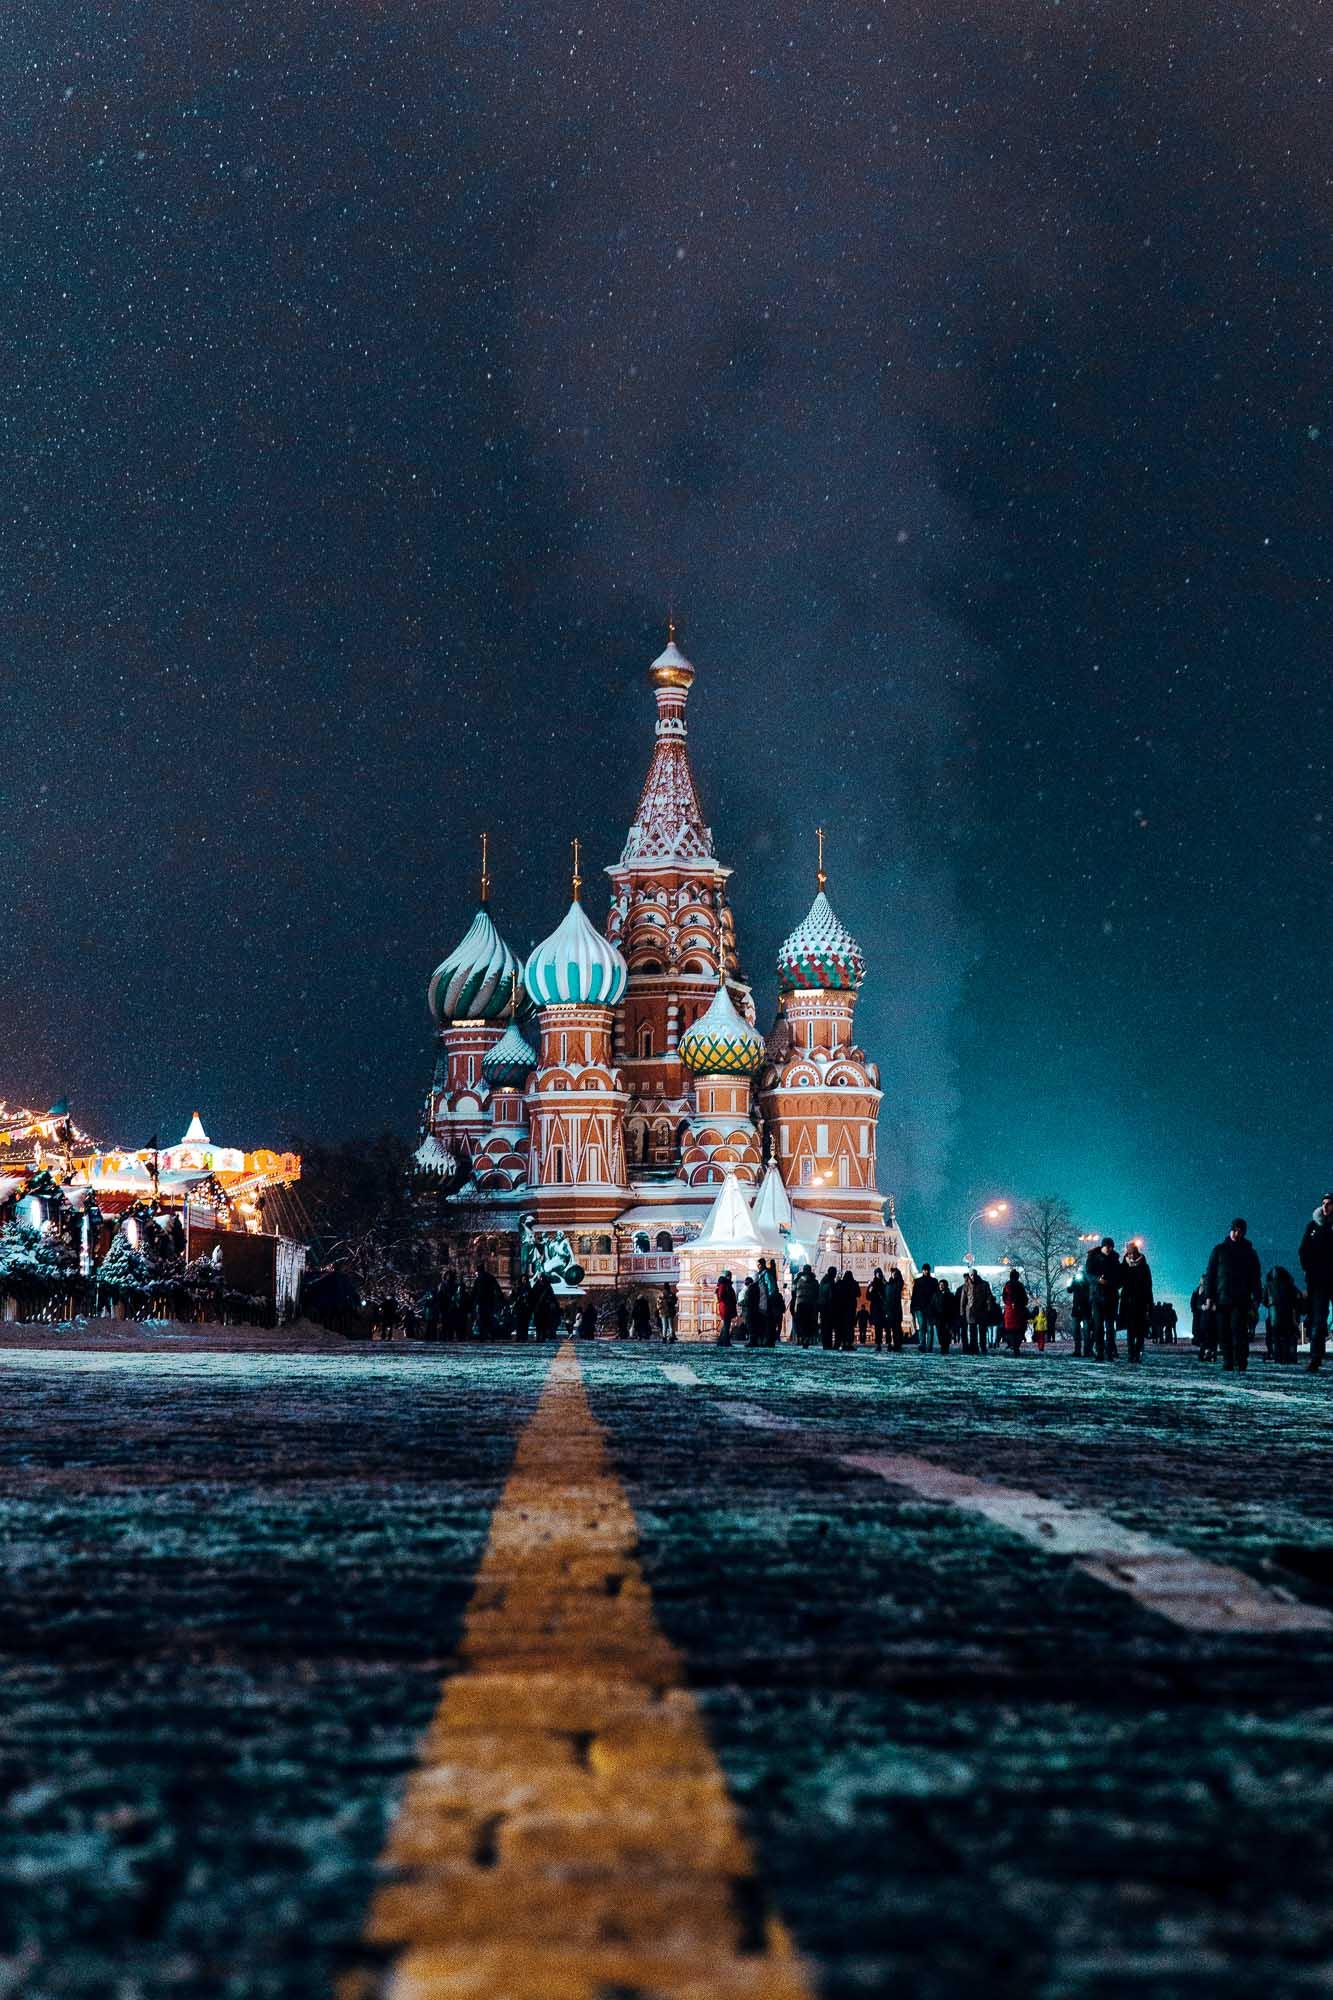 Die Basilius Kathedrale wurde ursprünglich von Iwan IV. während des Zurückdrängens der Mongolen im 16. Jahrhundert errichtet.Fotografie von Nikita Karimov